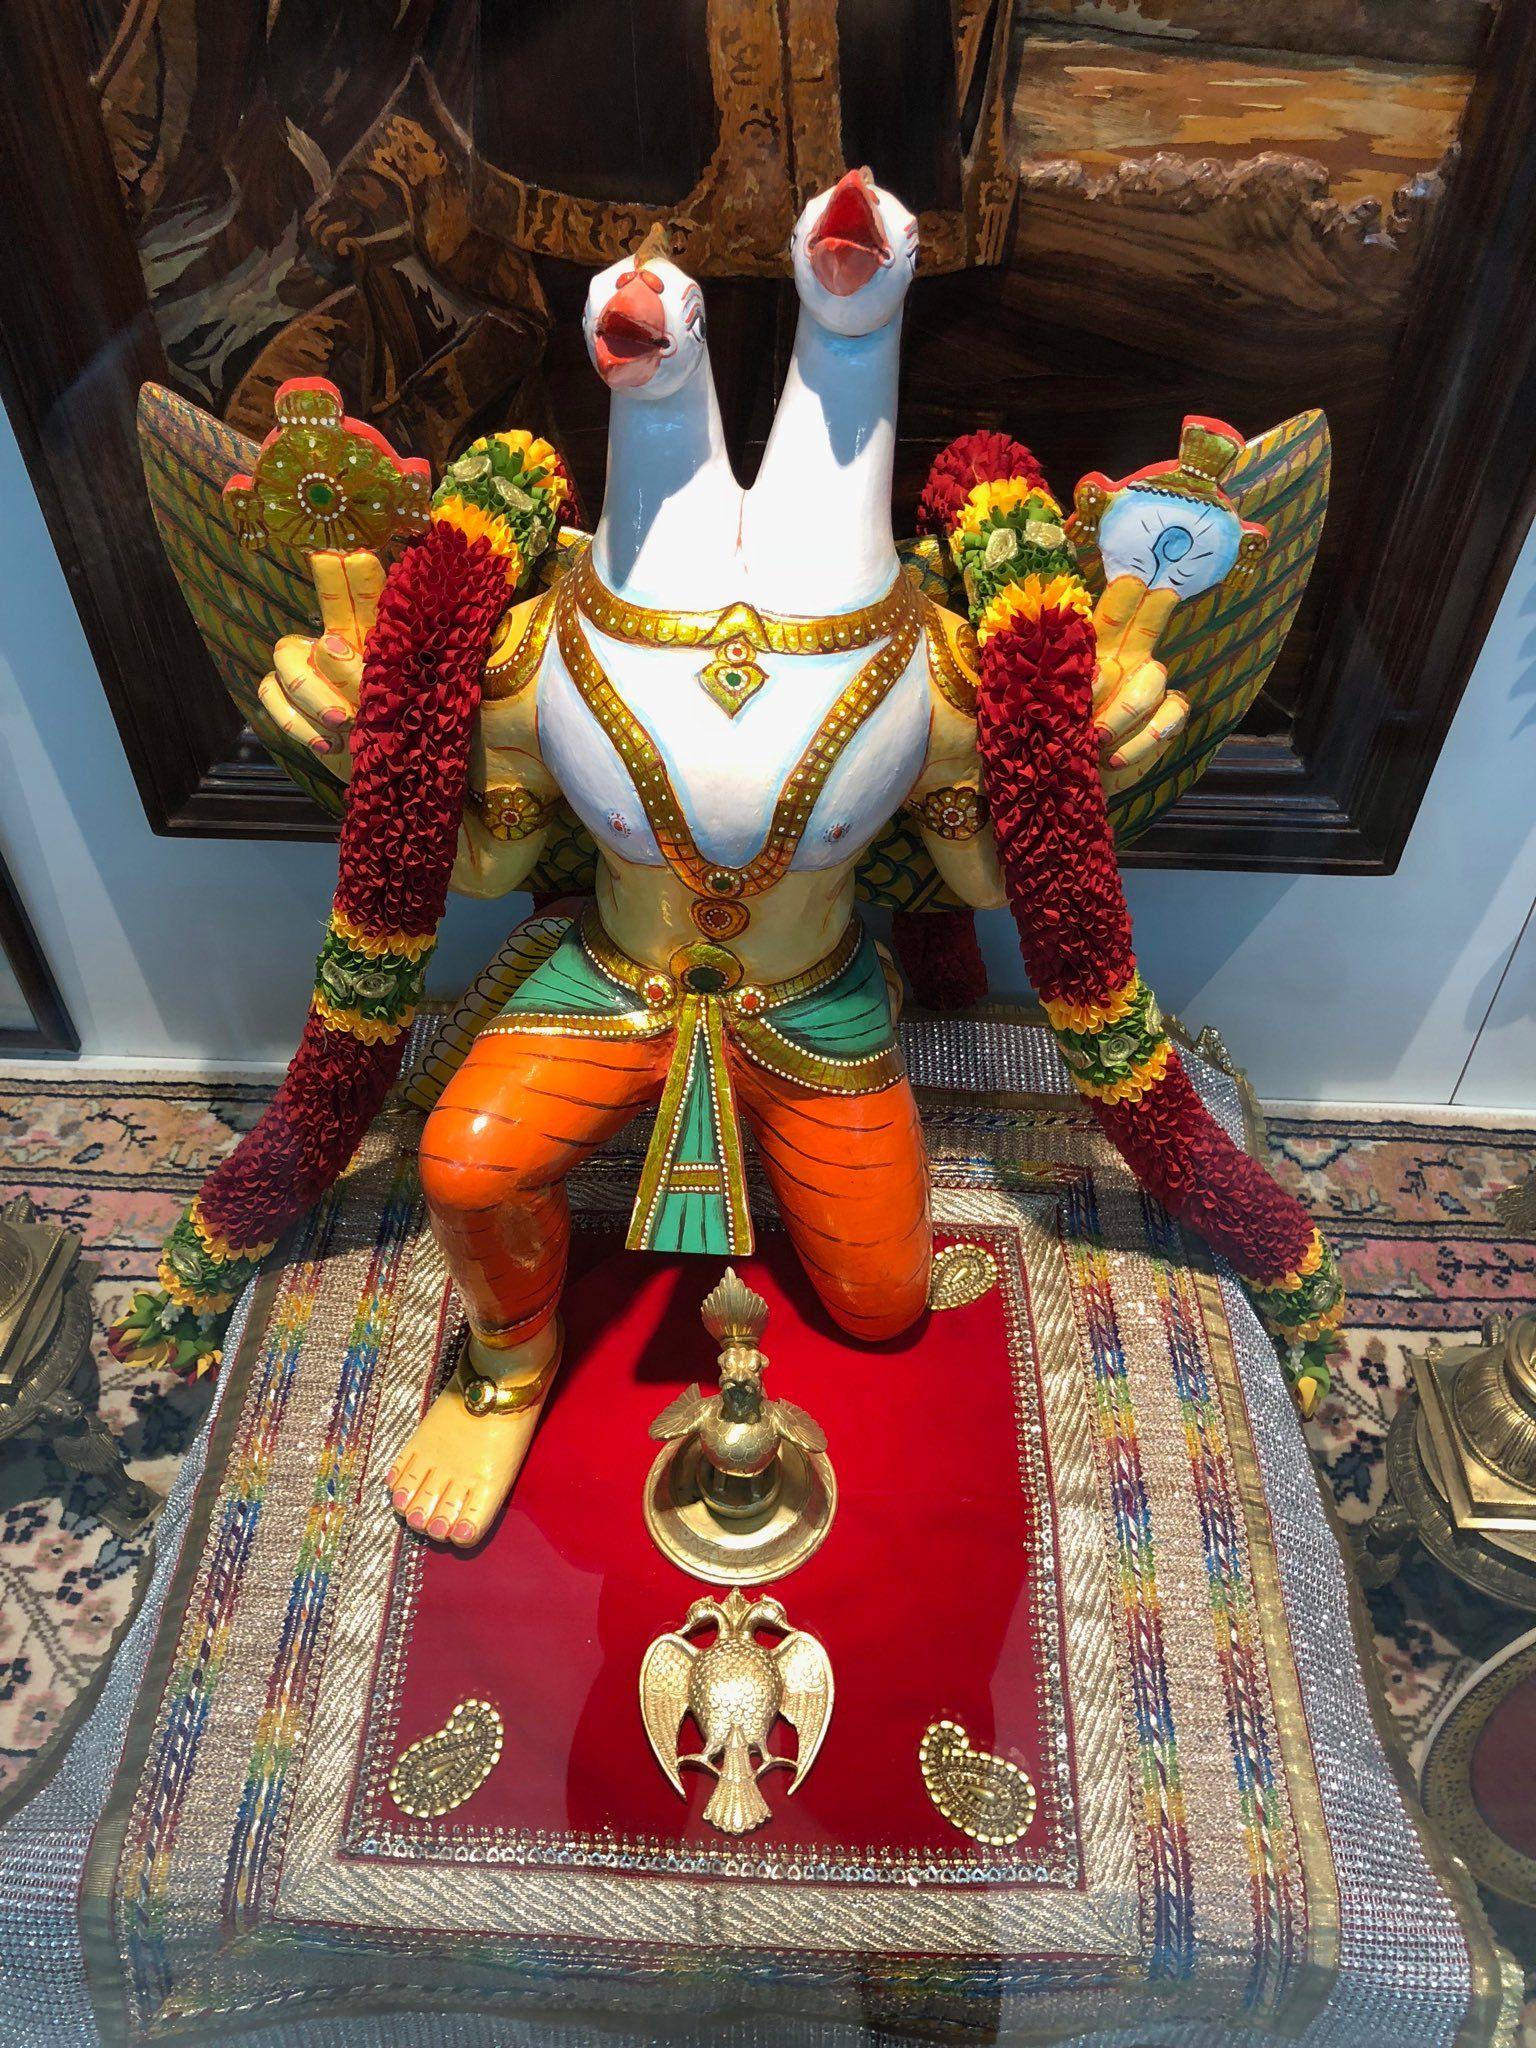 Gandaberunda The Two Headed Be Runda Bird Garuda A Fierce Form